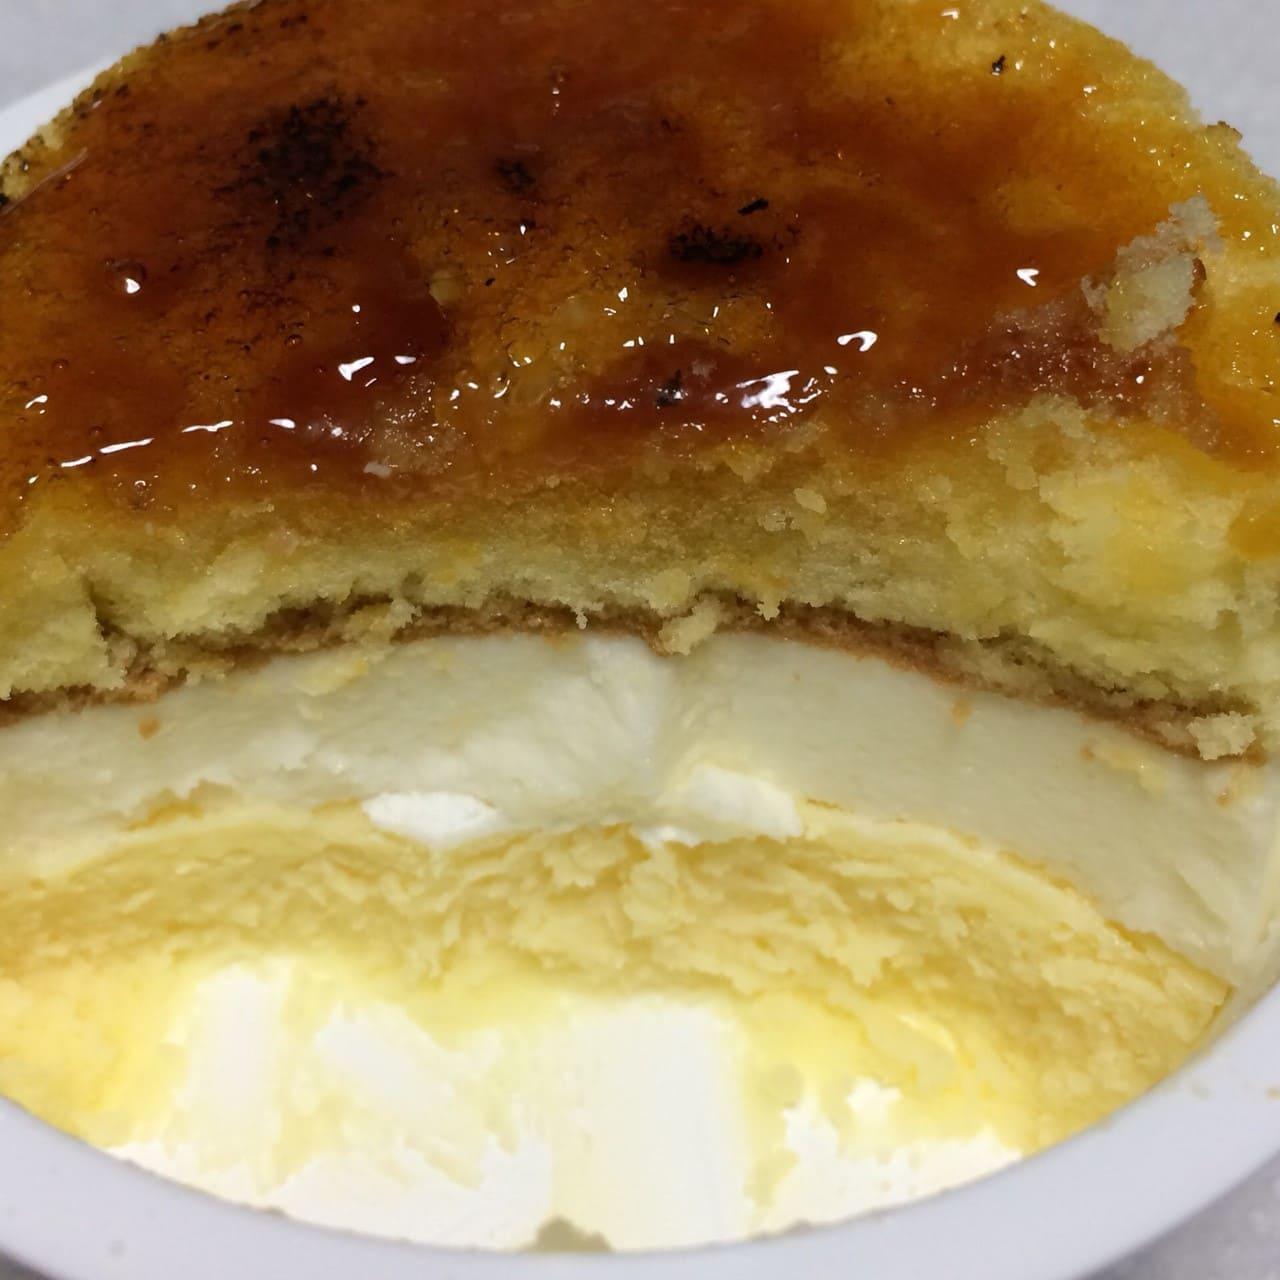 ブリュレチーズケーキ断面